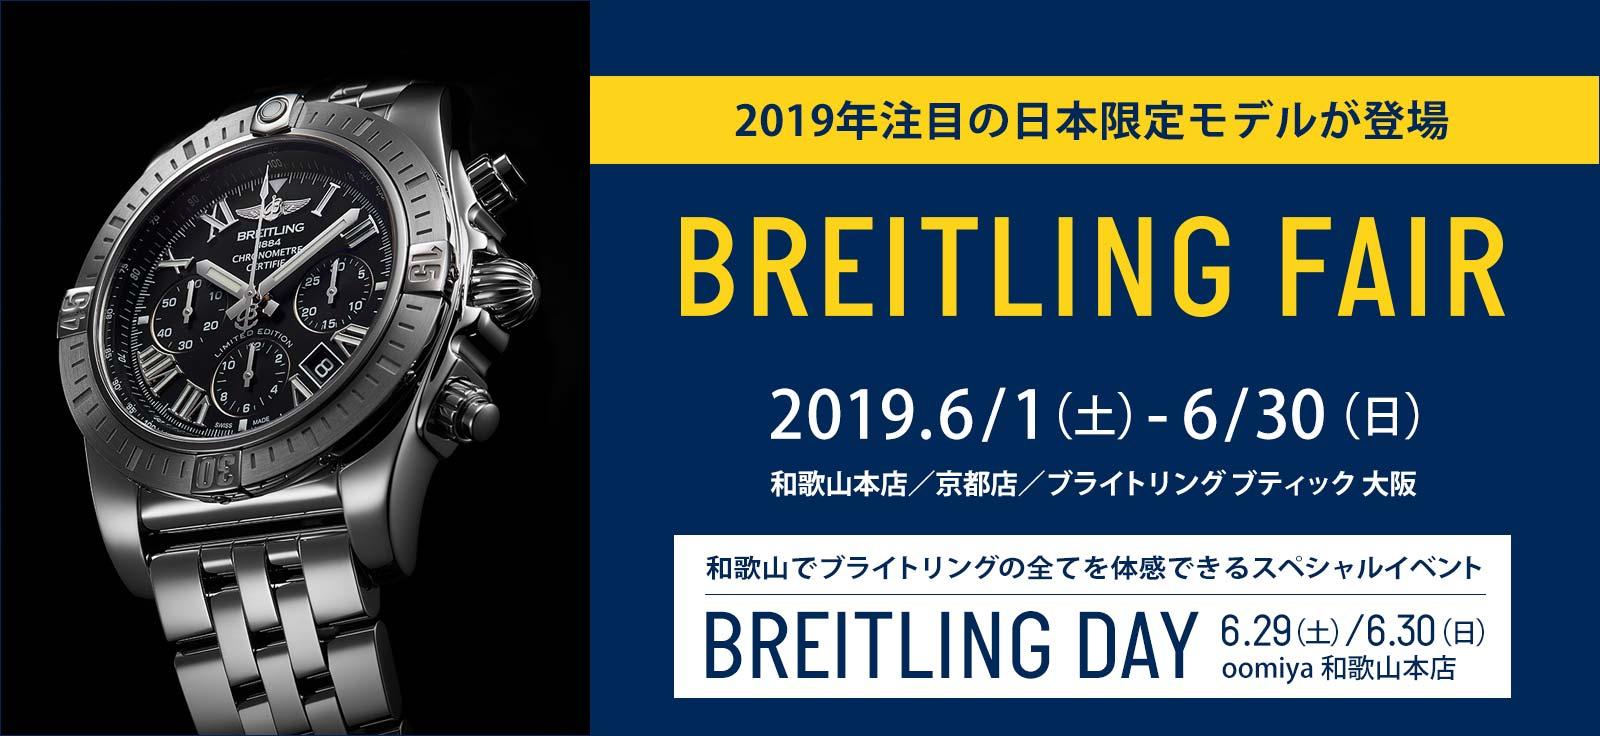 ブライトリング・フェア|和歌山本店・京都店・ブライトリング ブティック 大阪